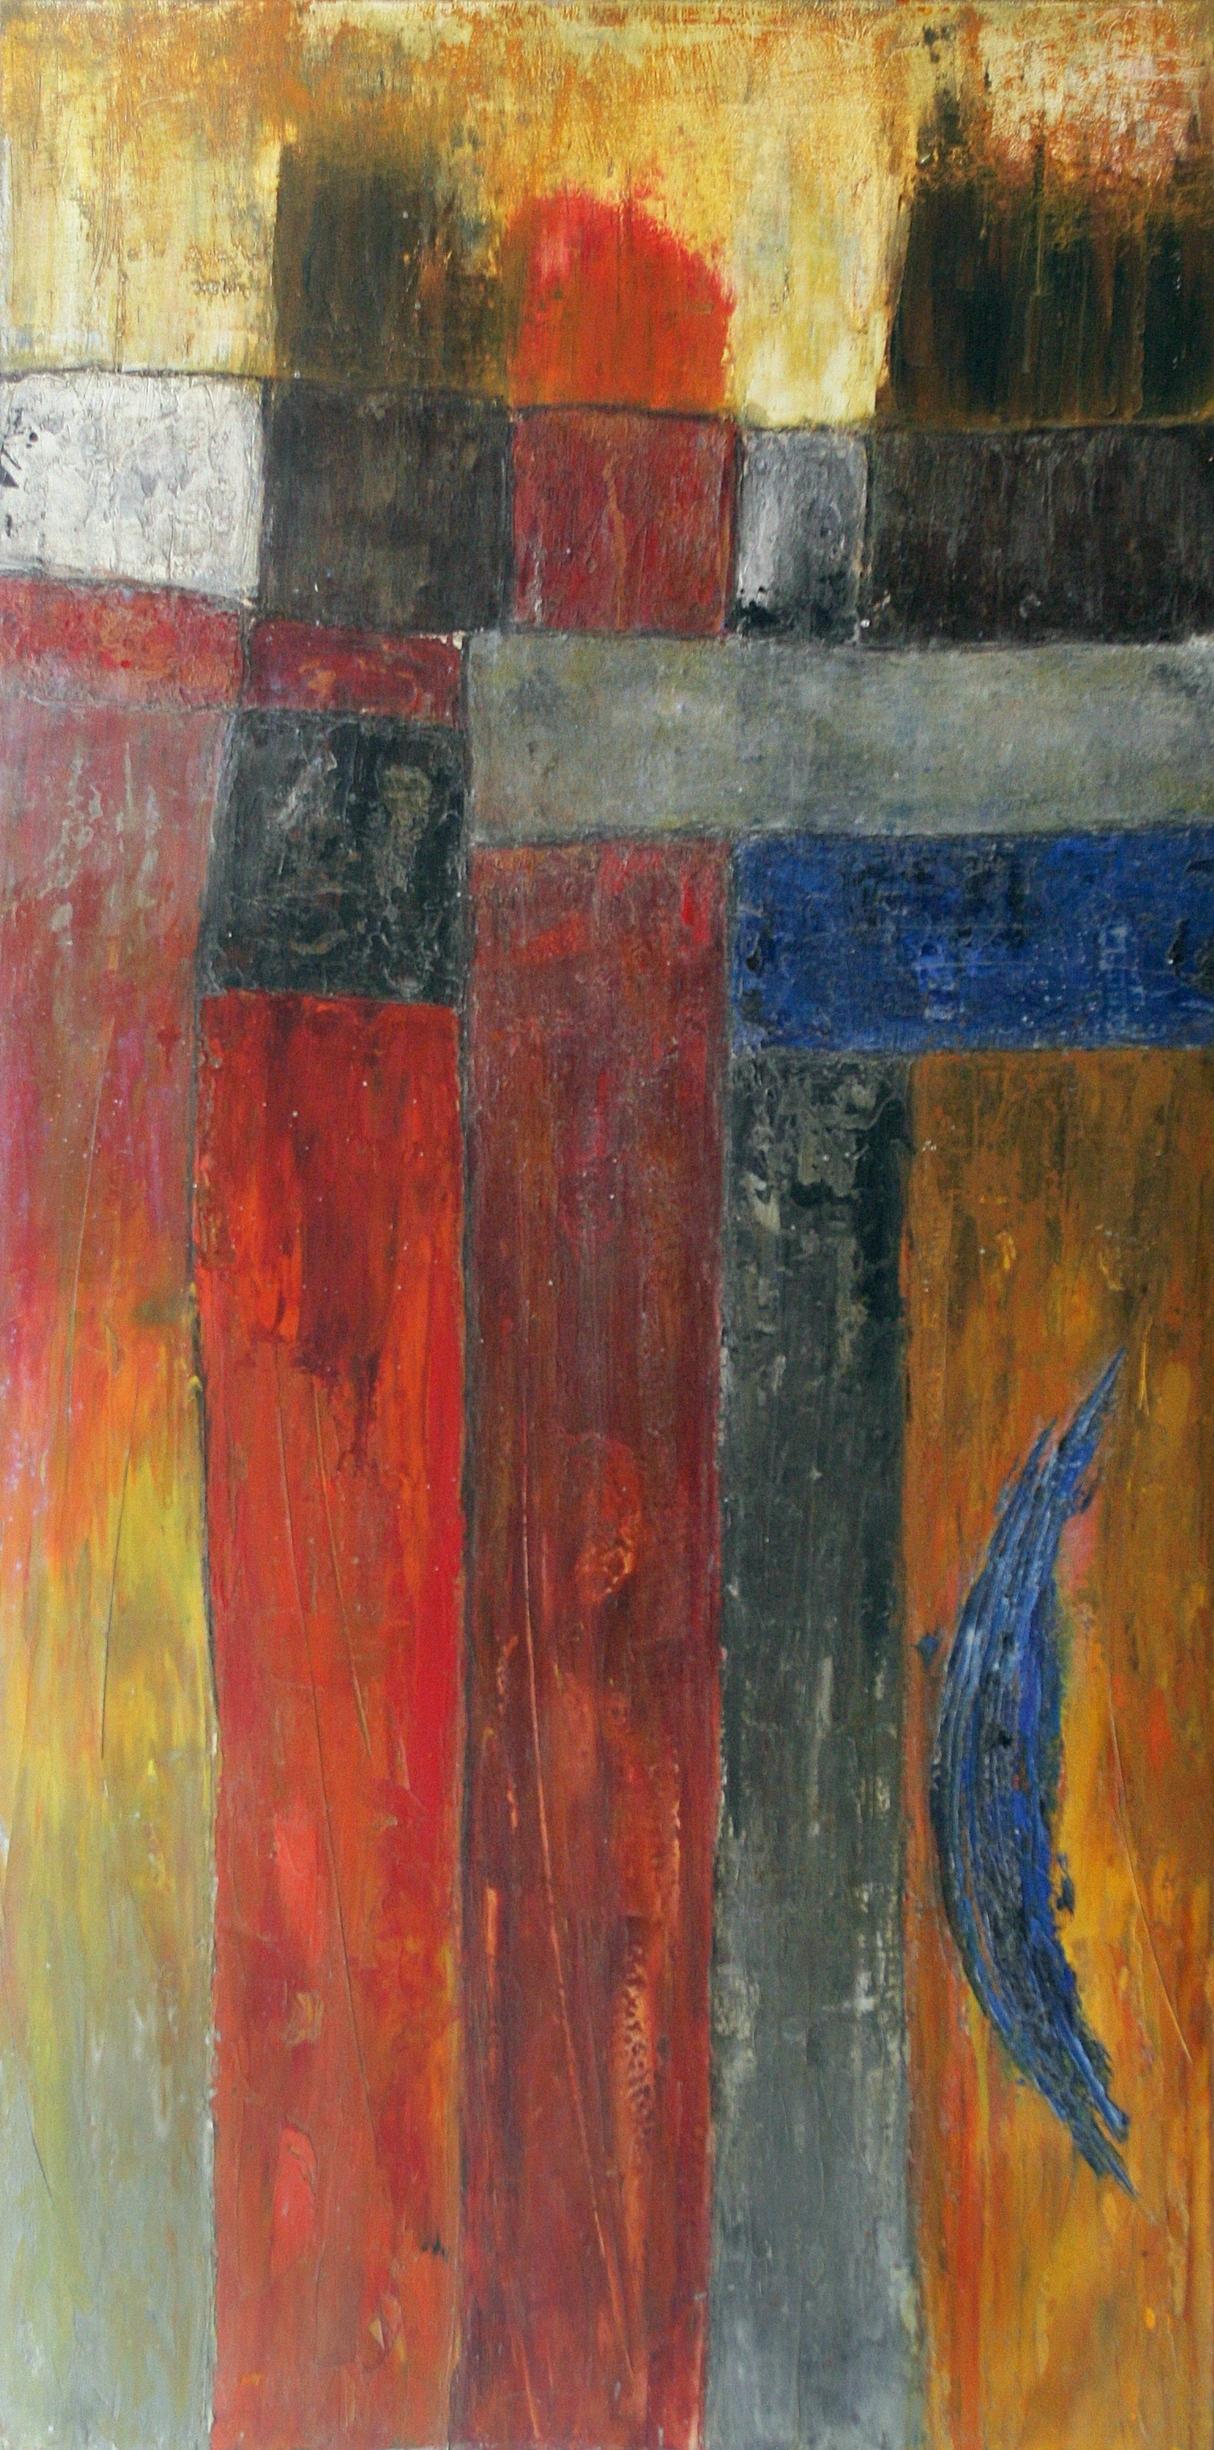 Red_&_Orange_-_Canvas_24x48